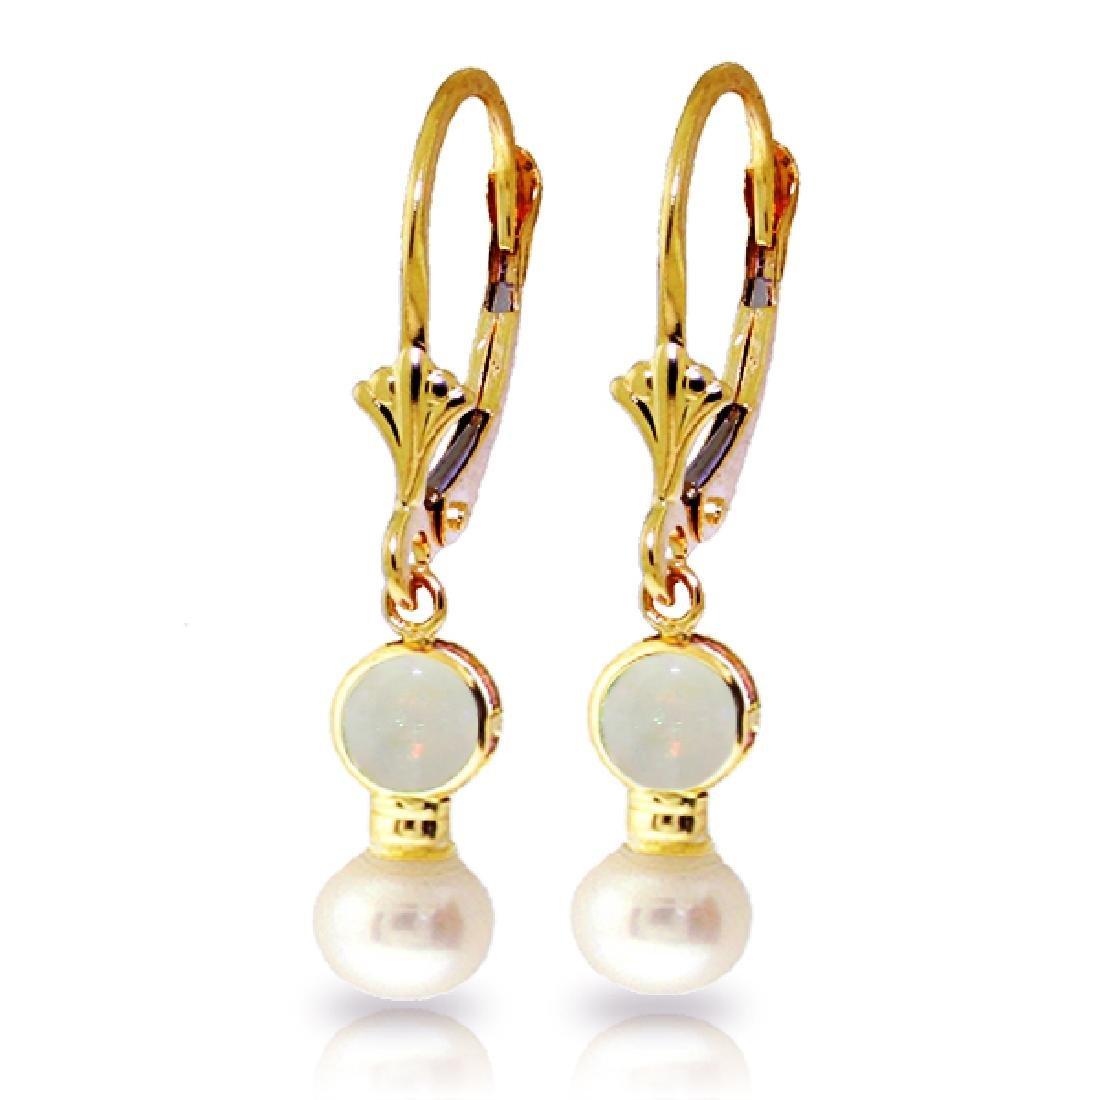 Genuine 5.17 CTW Opal & Pearl Earrings Jewelry 14KT